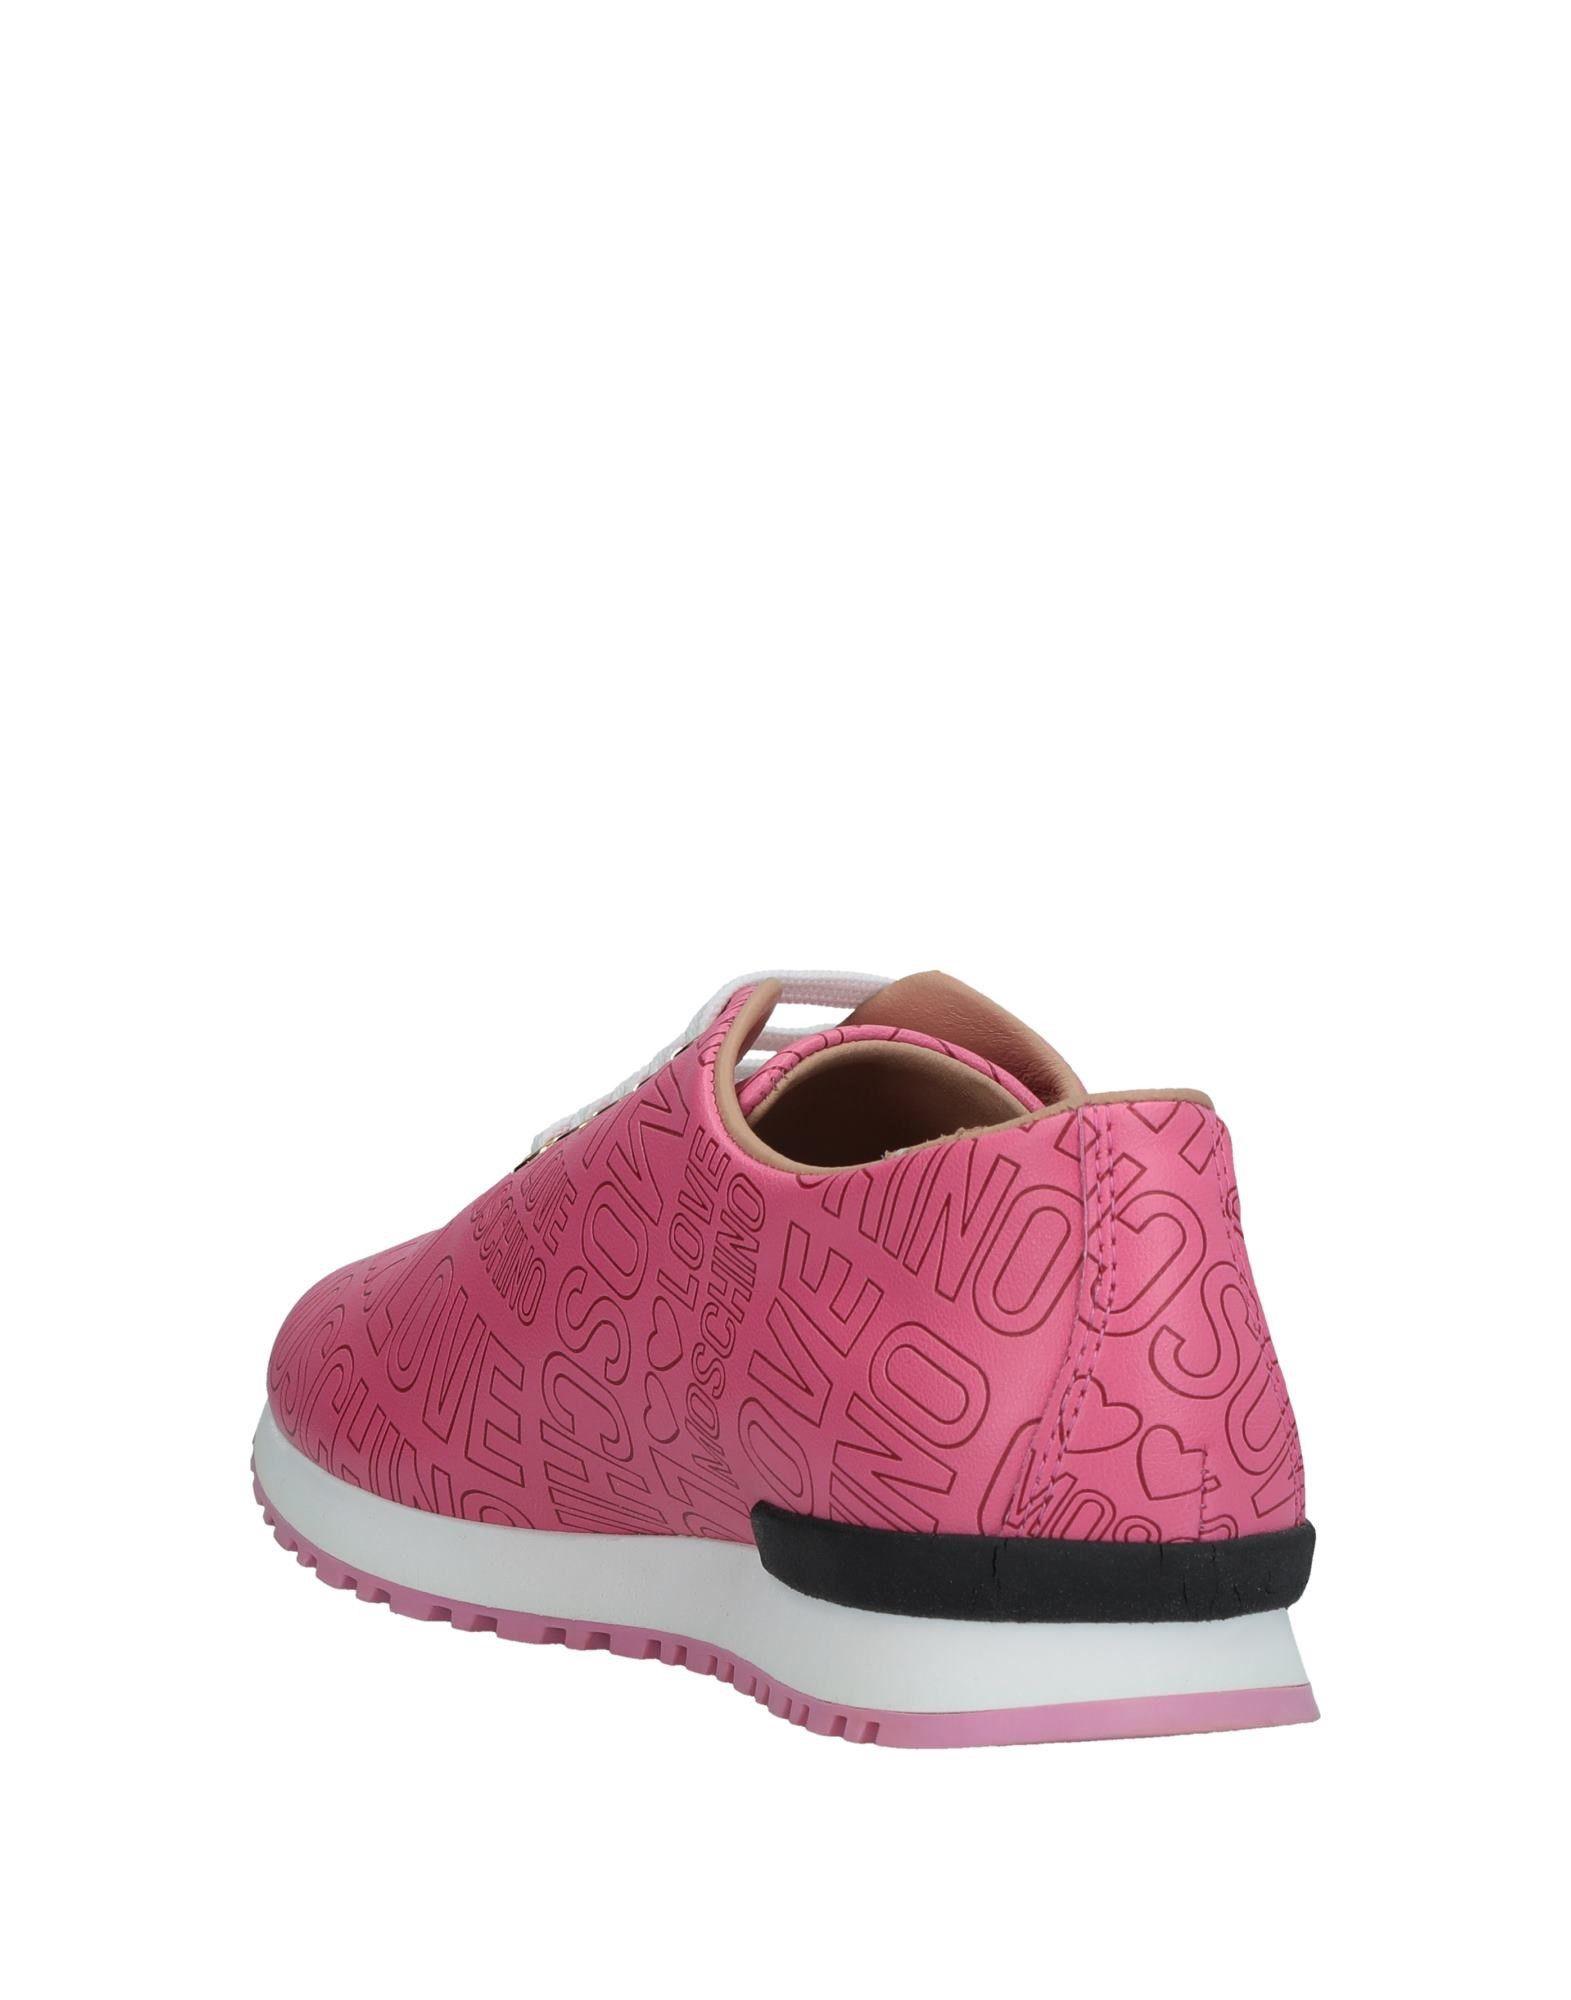 Stilvolle Stilvolle Stilvolle billige Schuhe Love Moschino Sneakers Damen  11527855TM 4a73b5